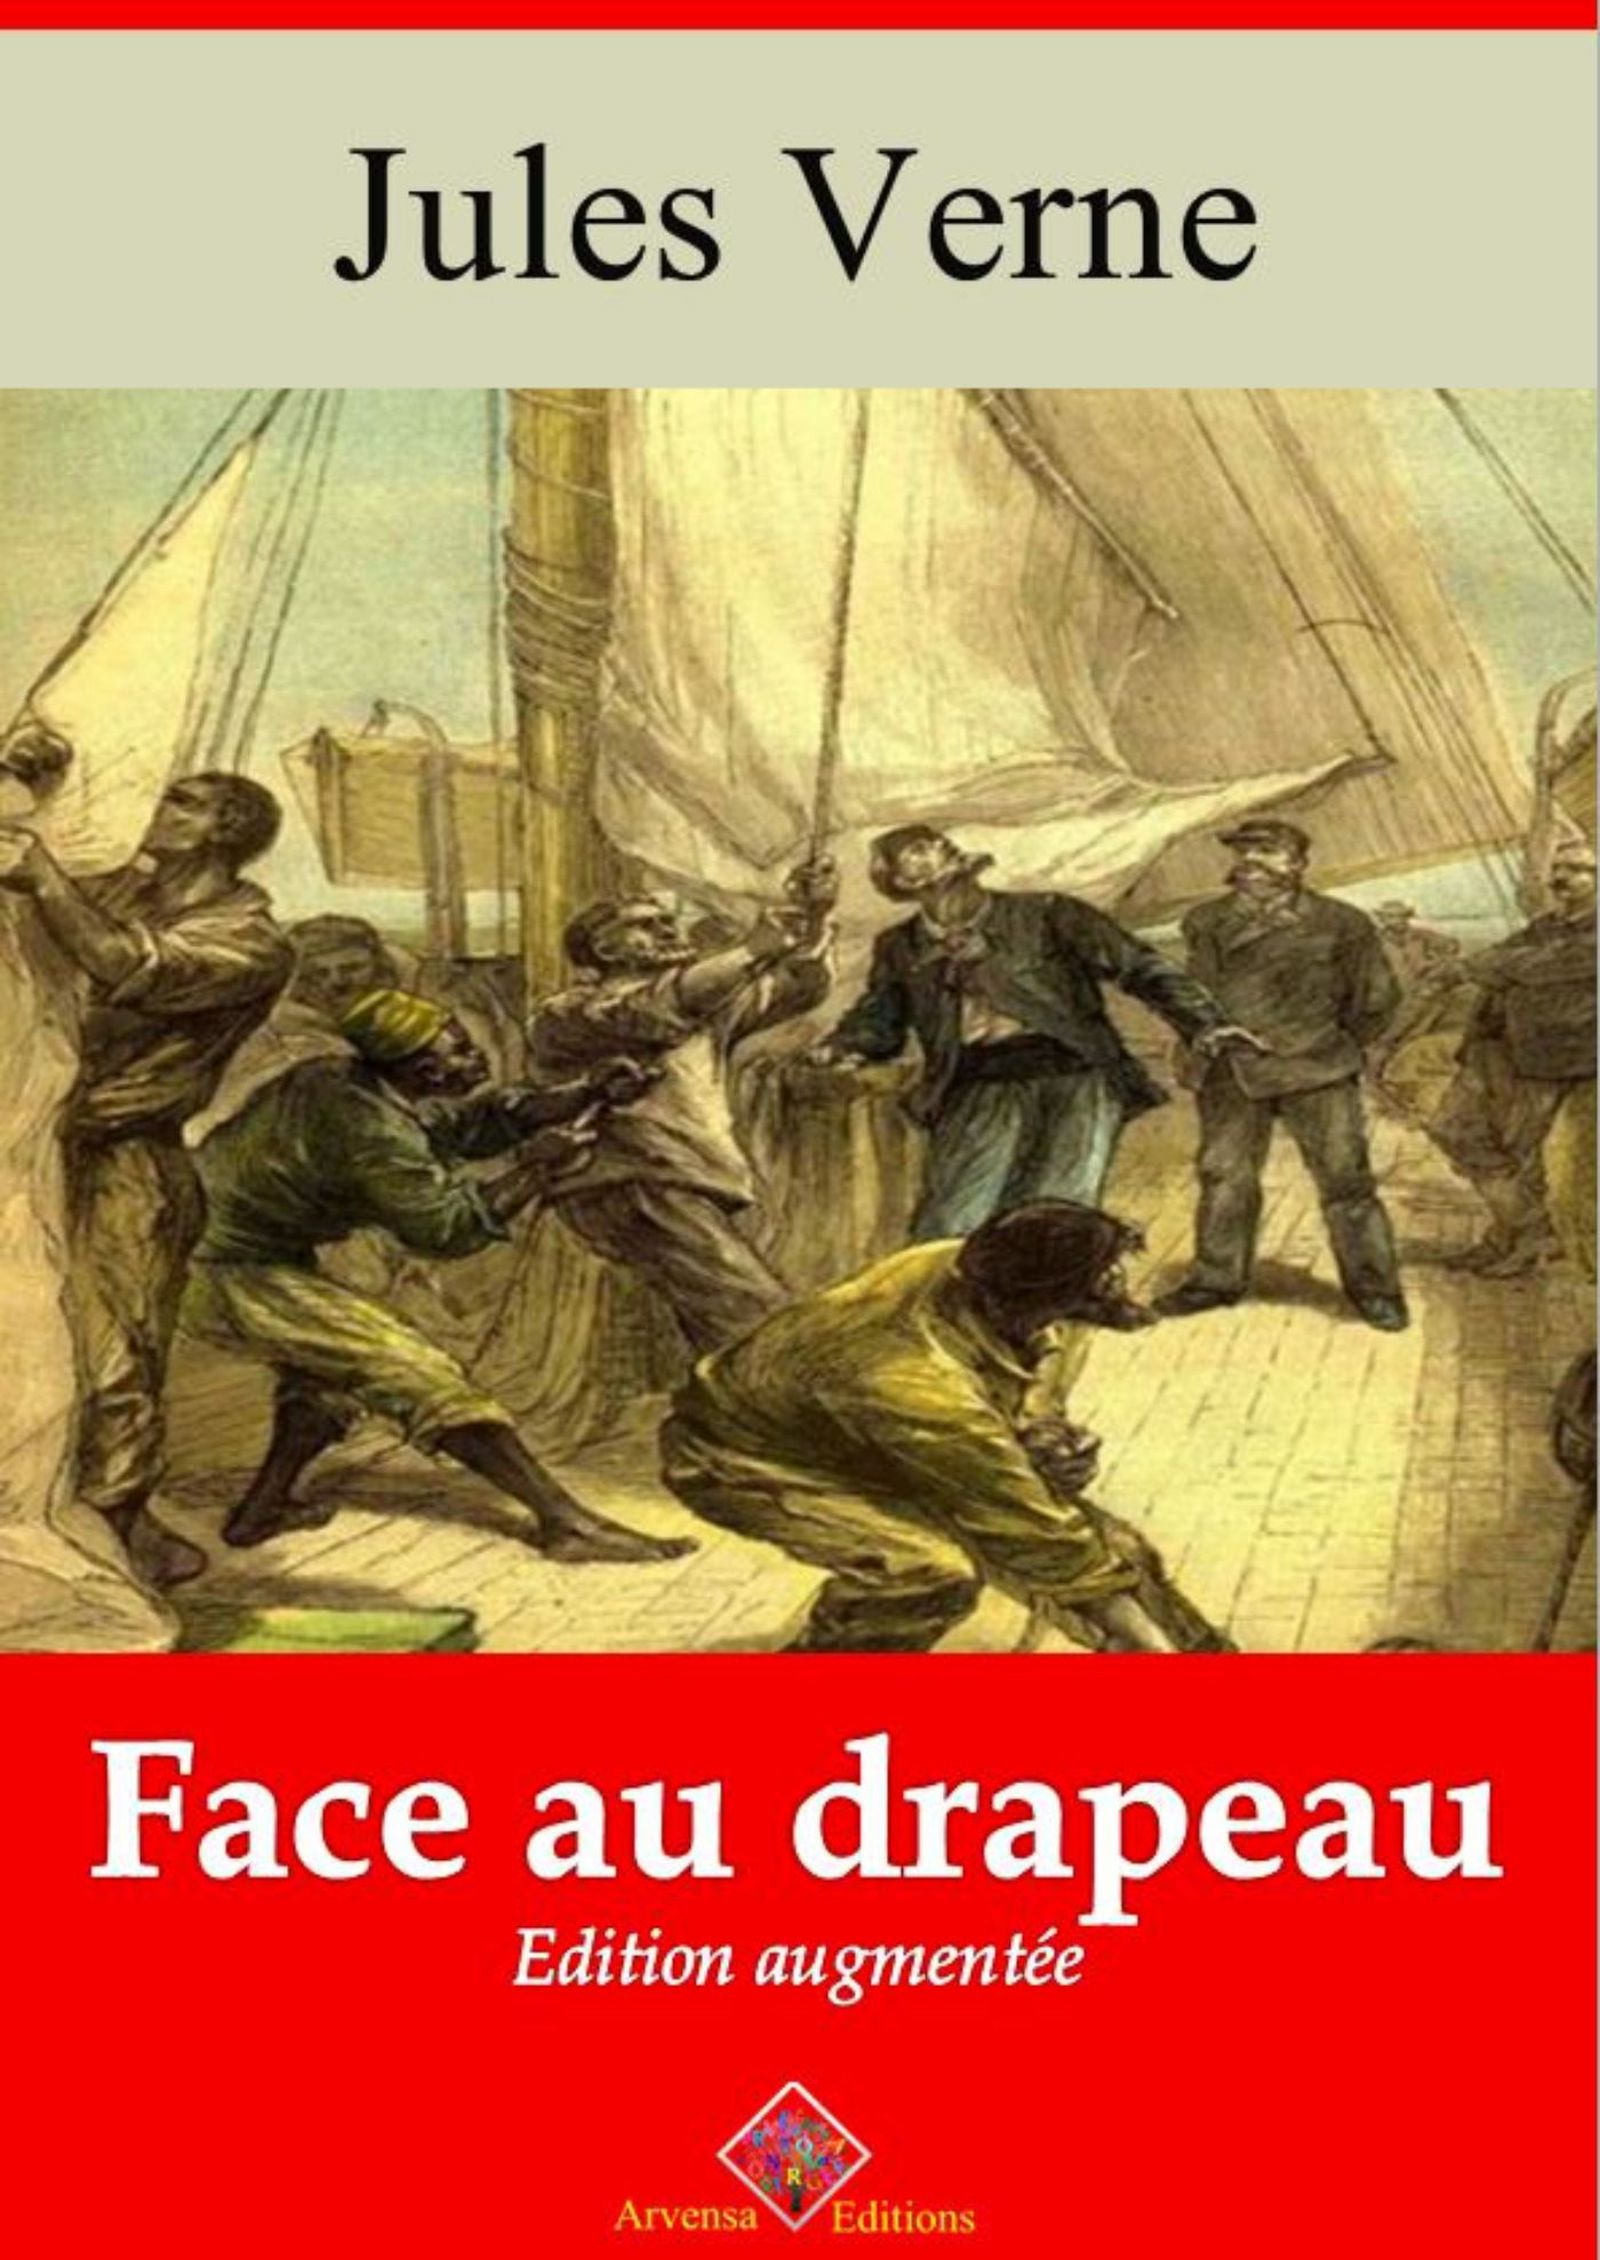 Face au drapeau - suivi d'annexes  - Jules Verne (1828-1905)